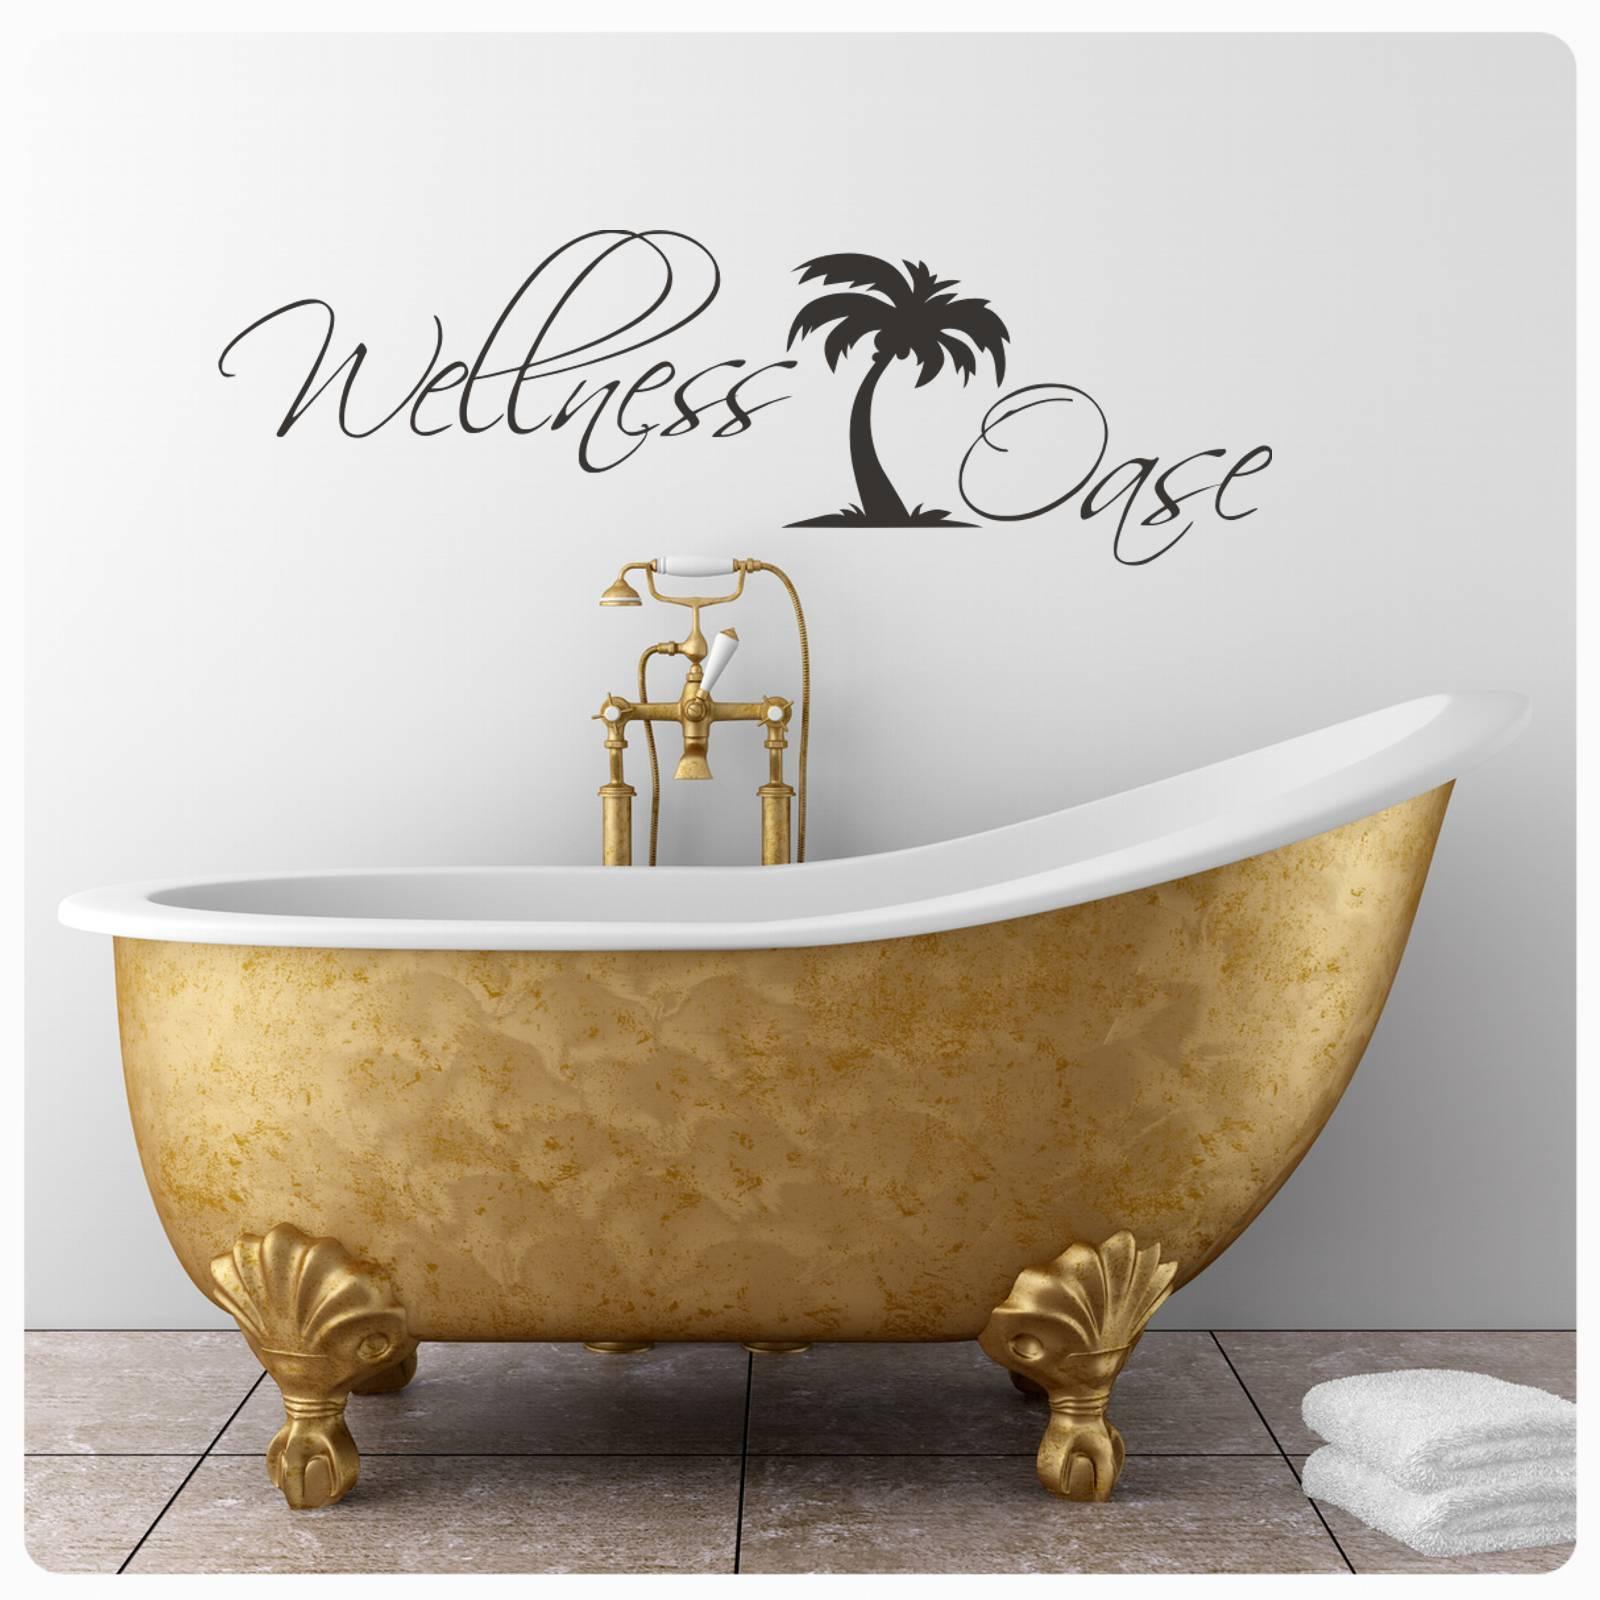 Details zu Wandtattoo Wellness Oase Wandaufkleber clickstick Bad WC  Badezimmer Lounge W10